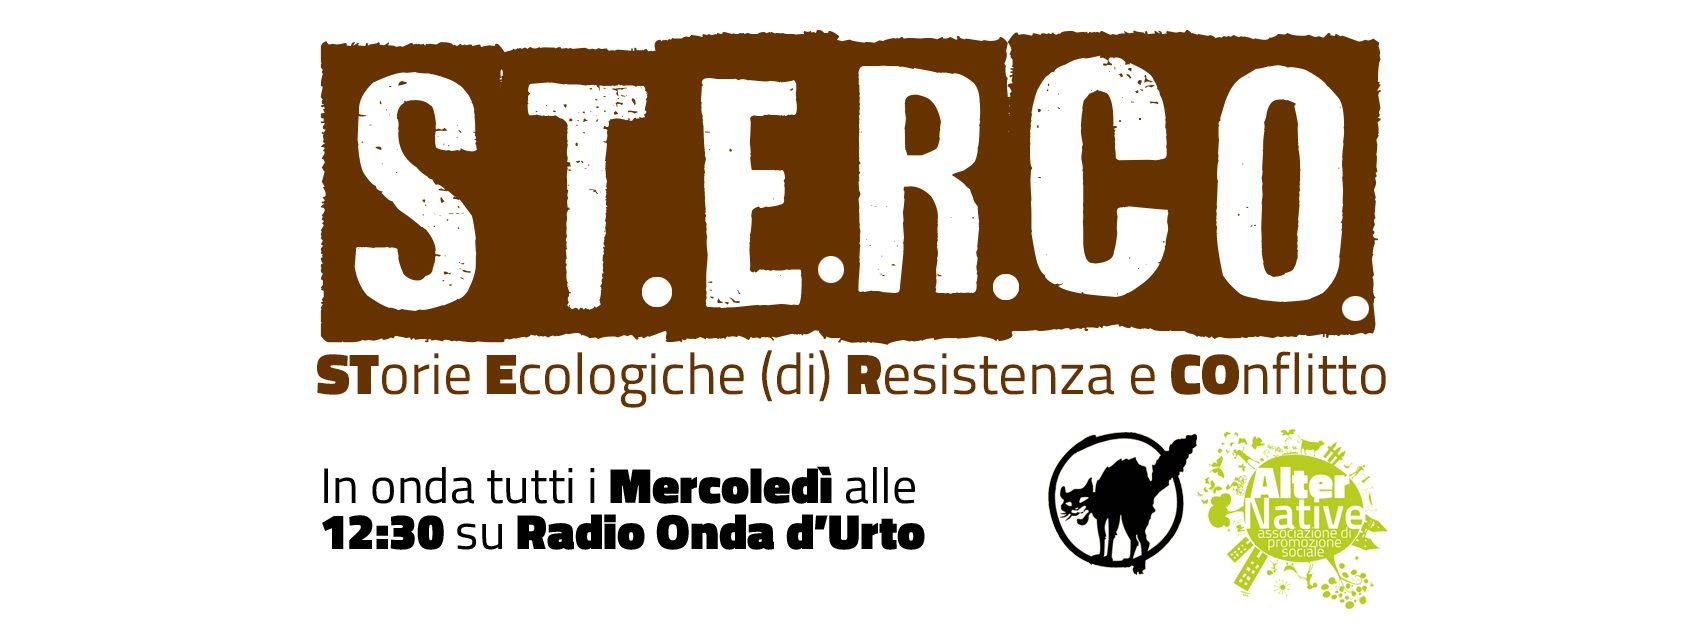 Sterco - Storie ecologiche di resistenza e conflitto